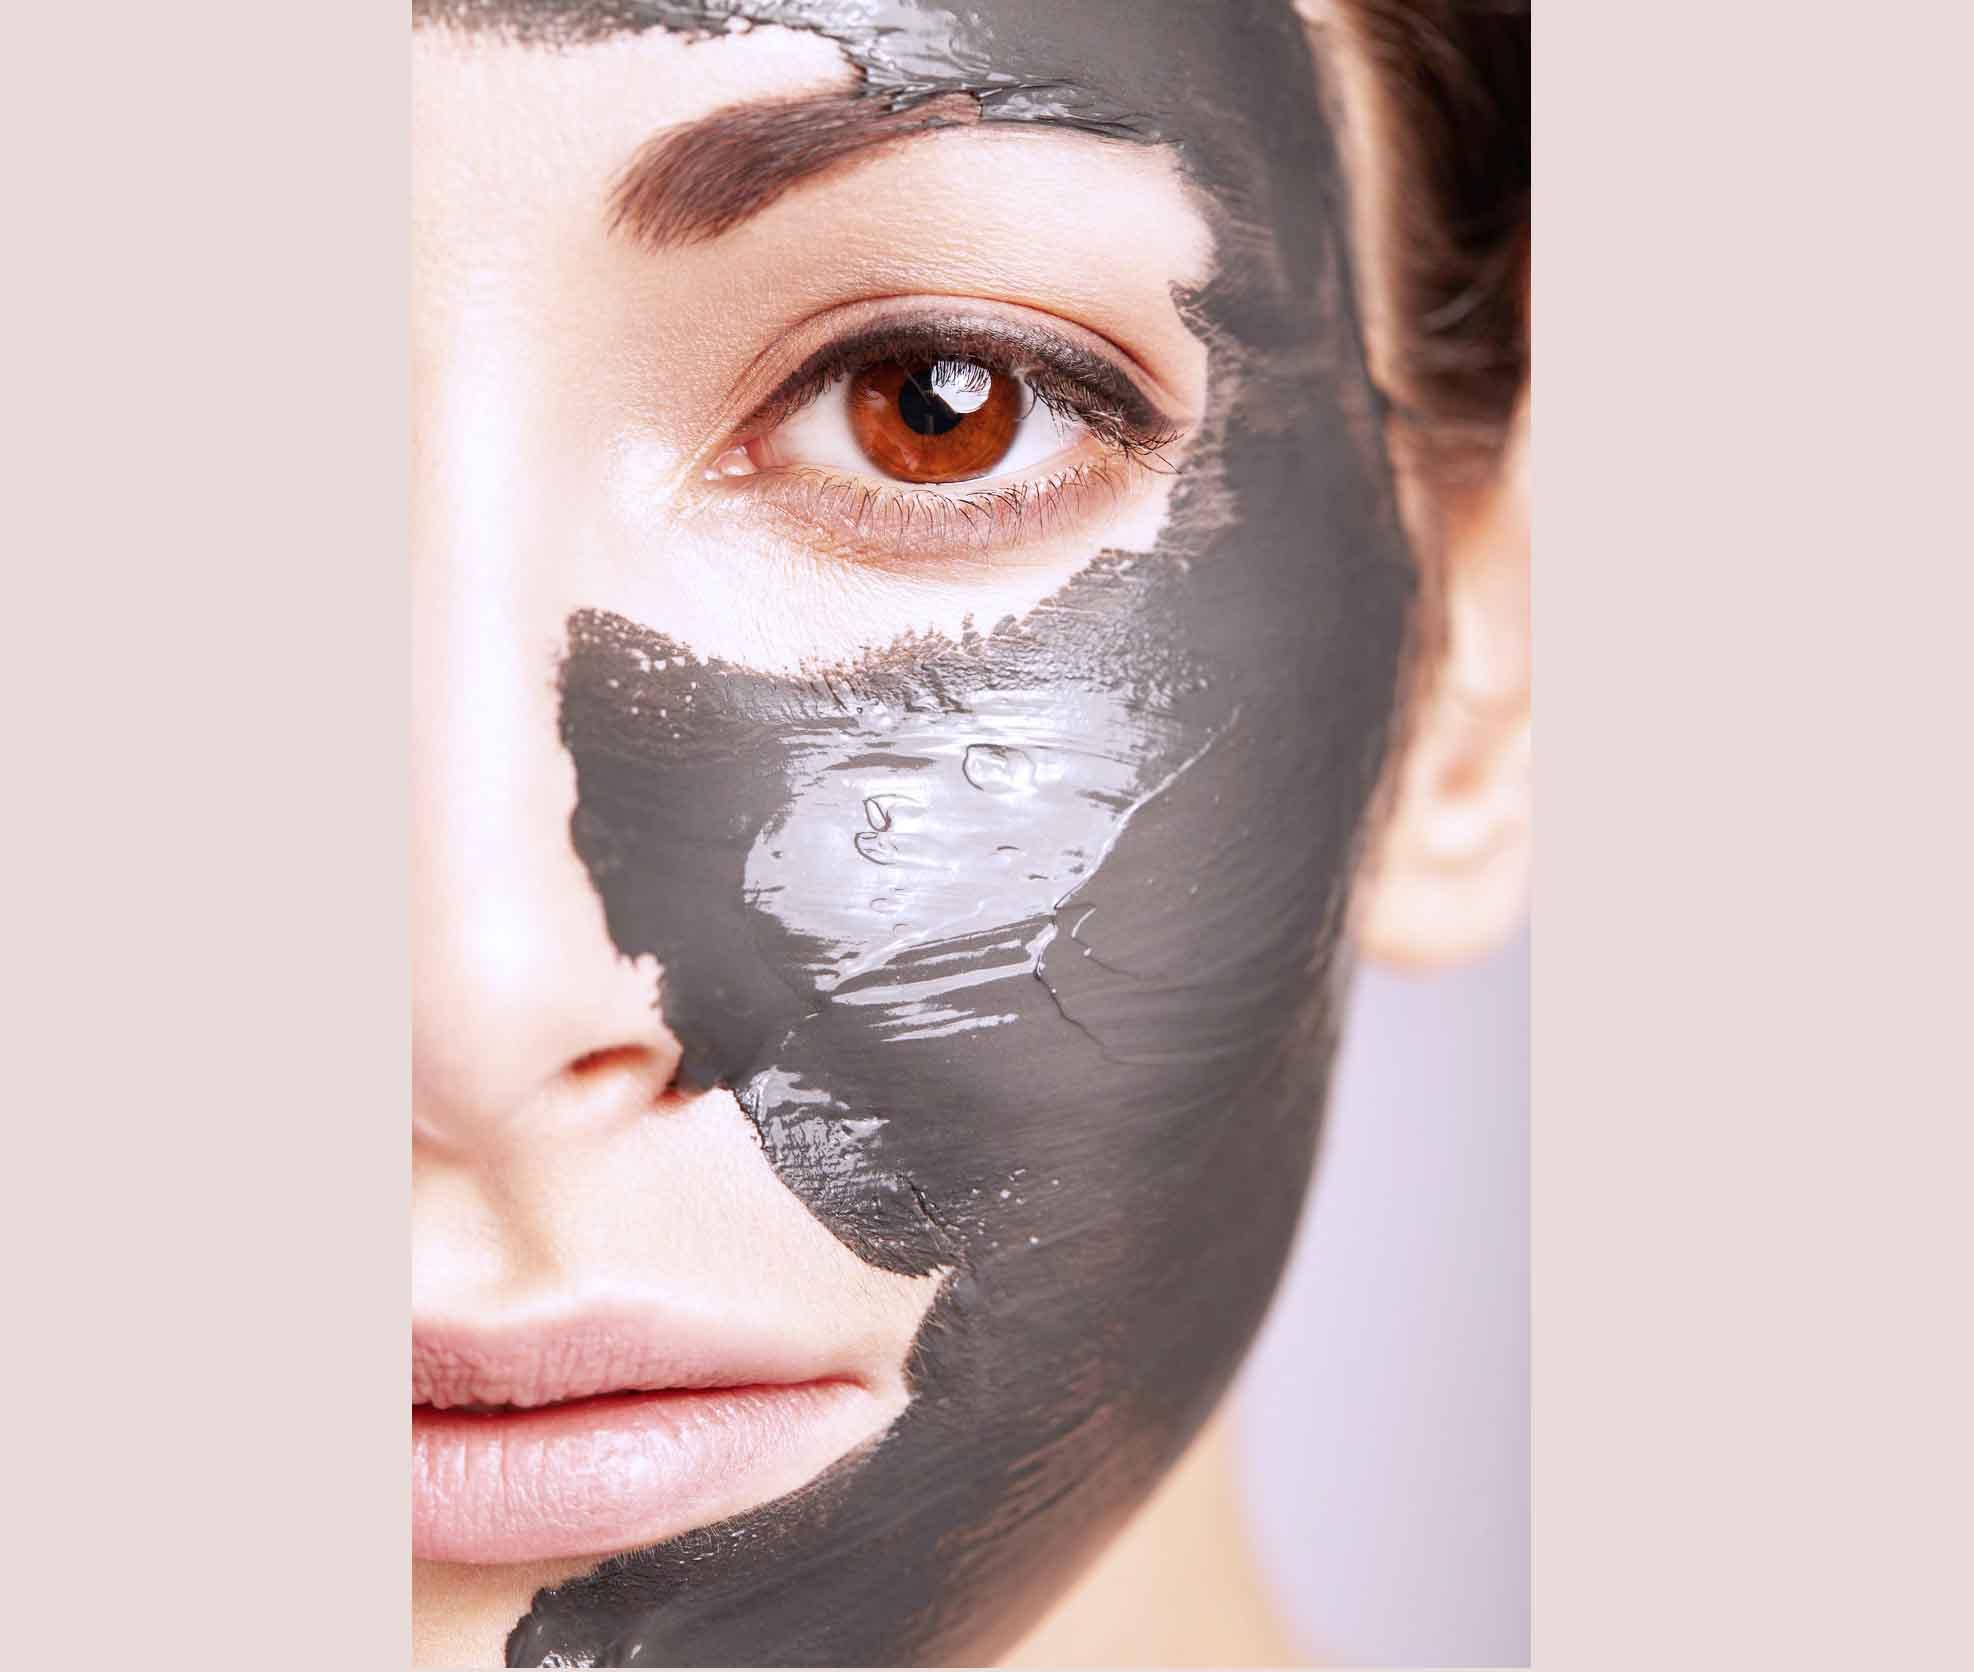 Como esconder los granos sobre la persona el maquillaje